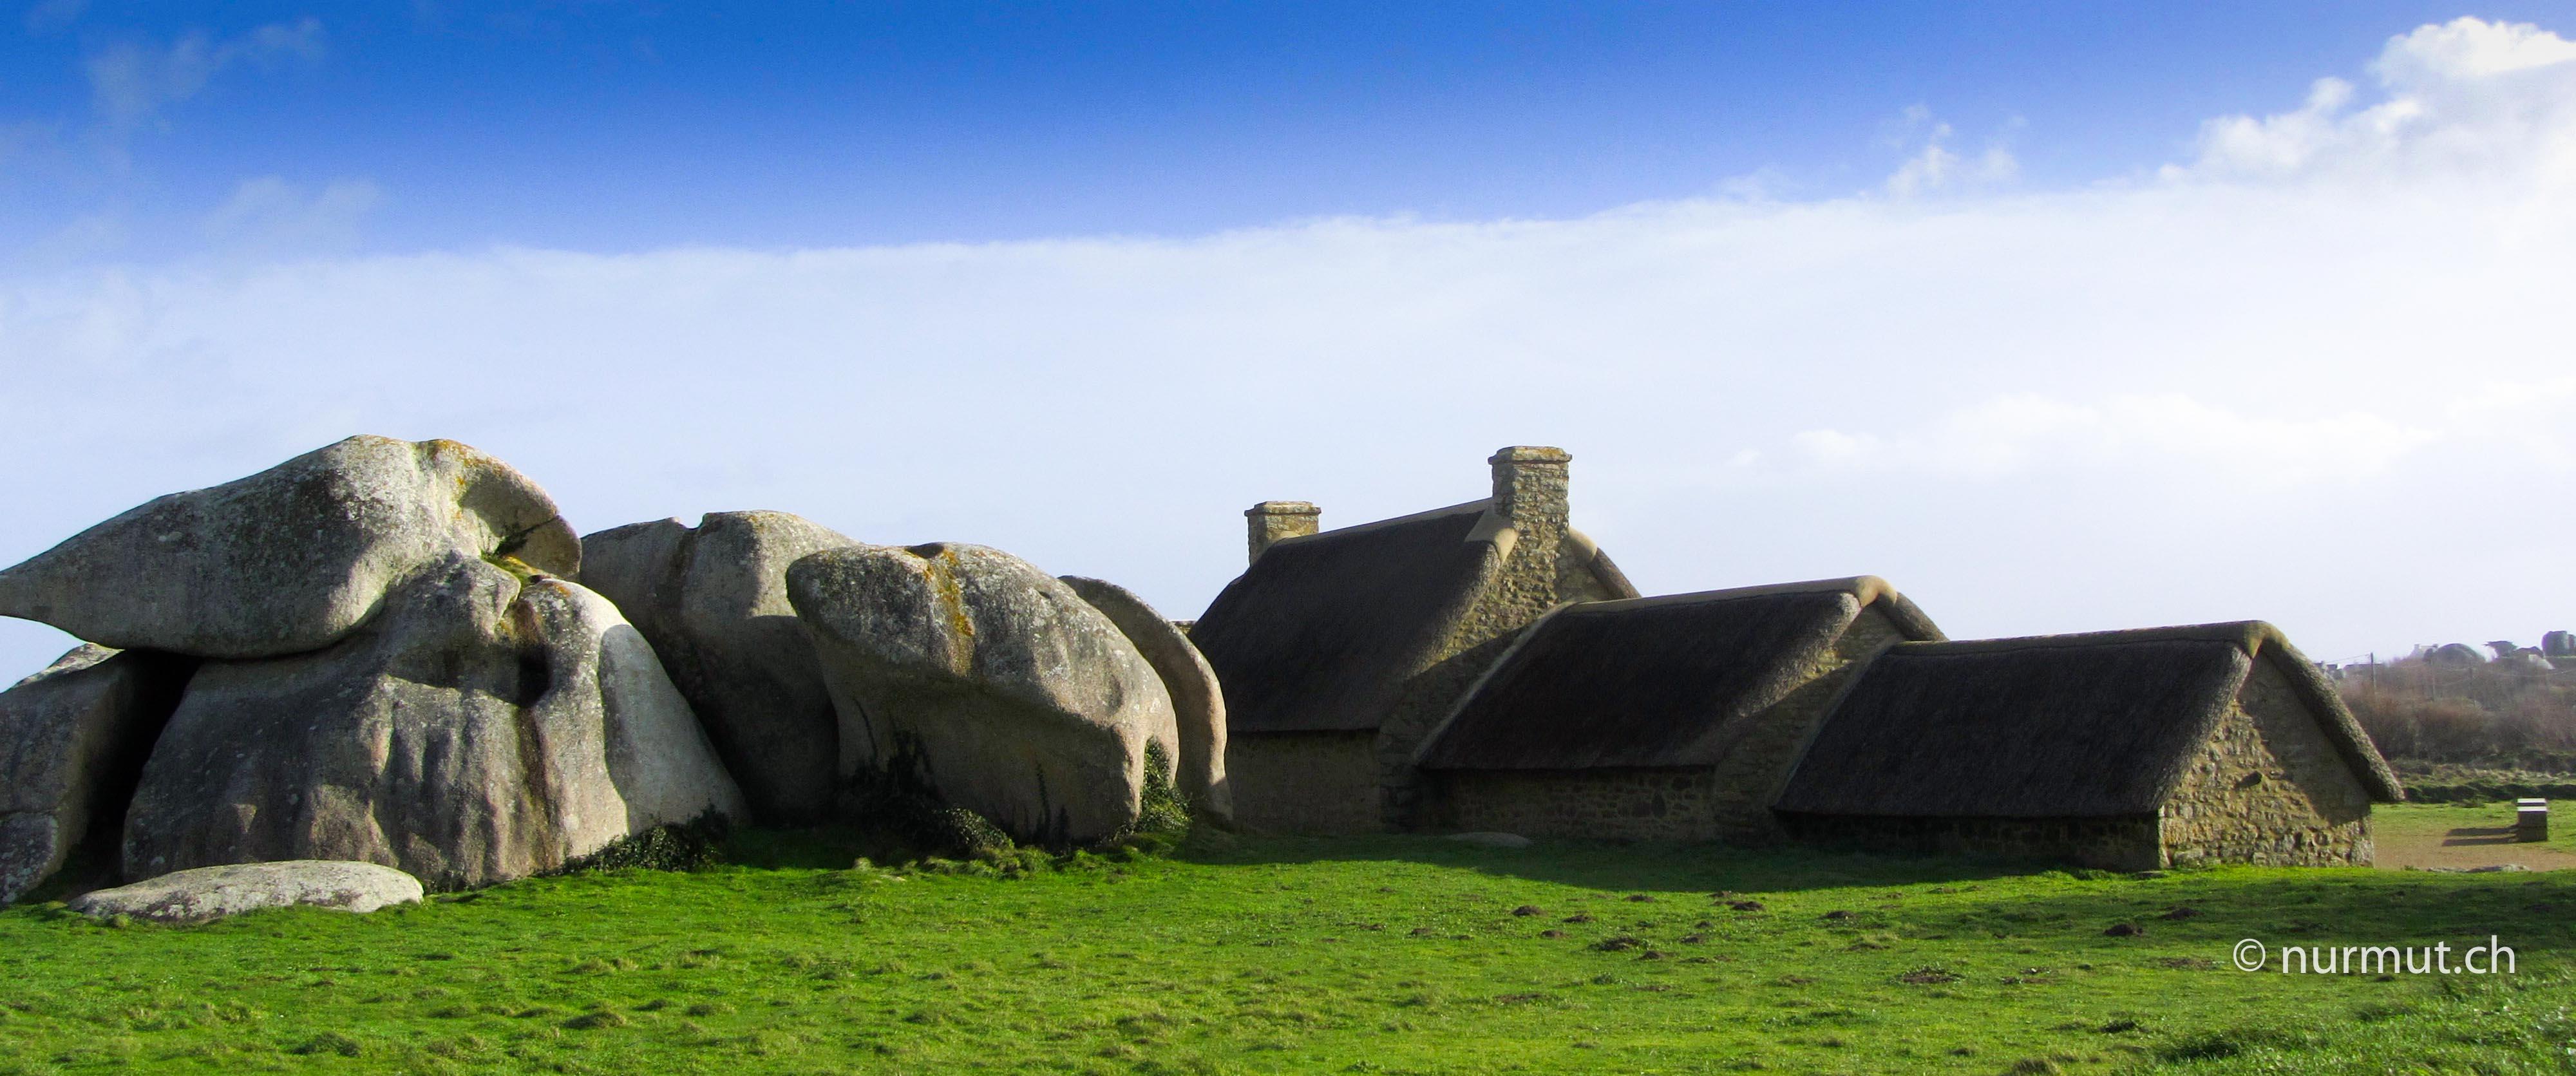 Bretagne-im-Winter-mit Wohnmobil-und-Hund-Meneham-Menhire-gallische-Häuser